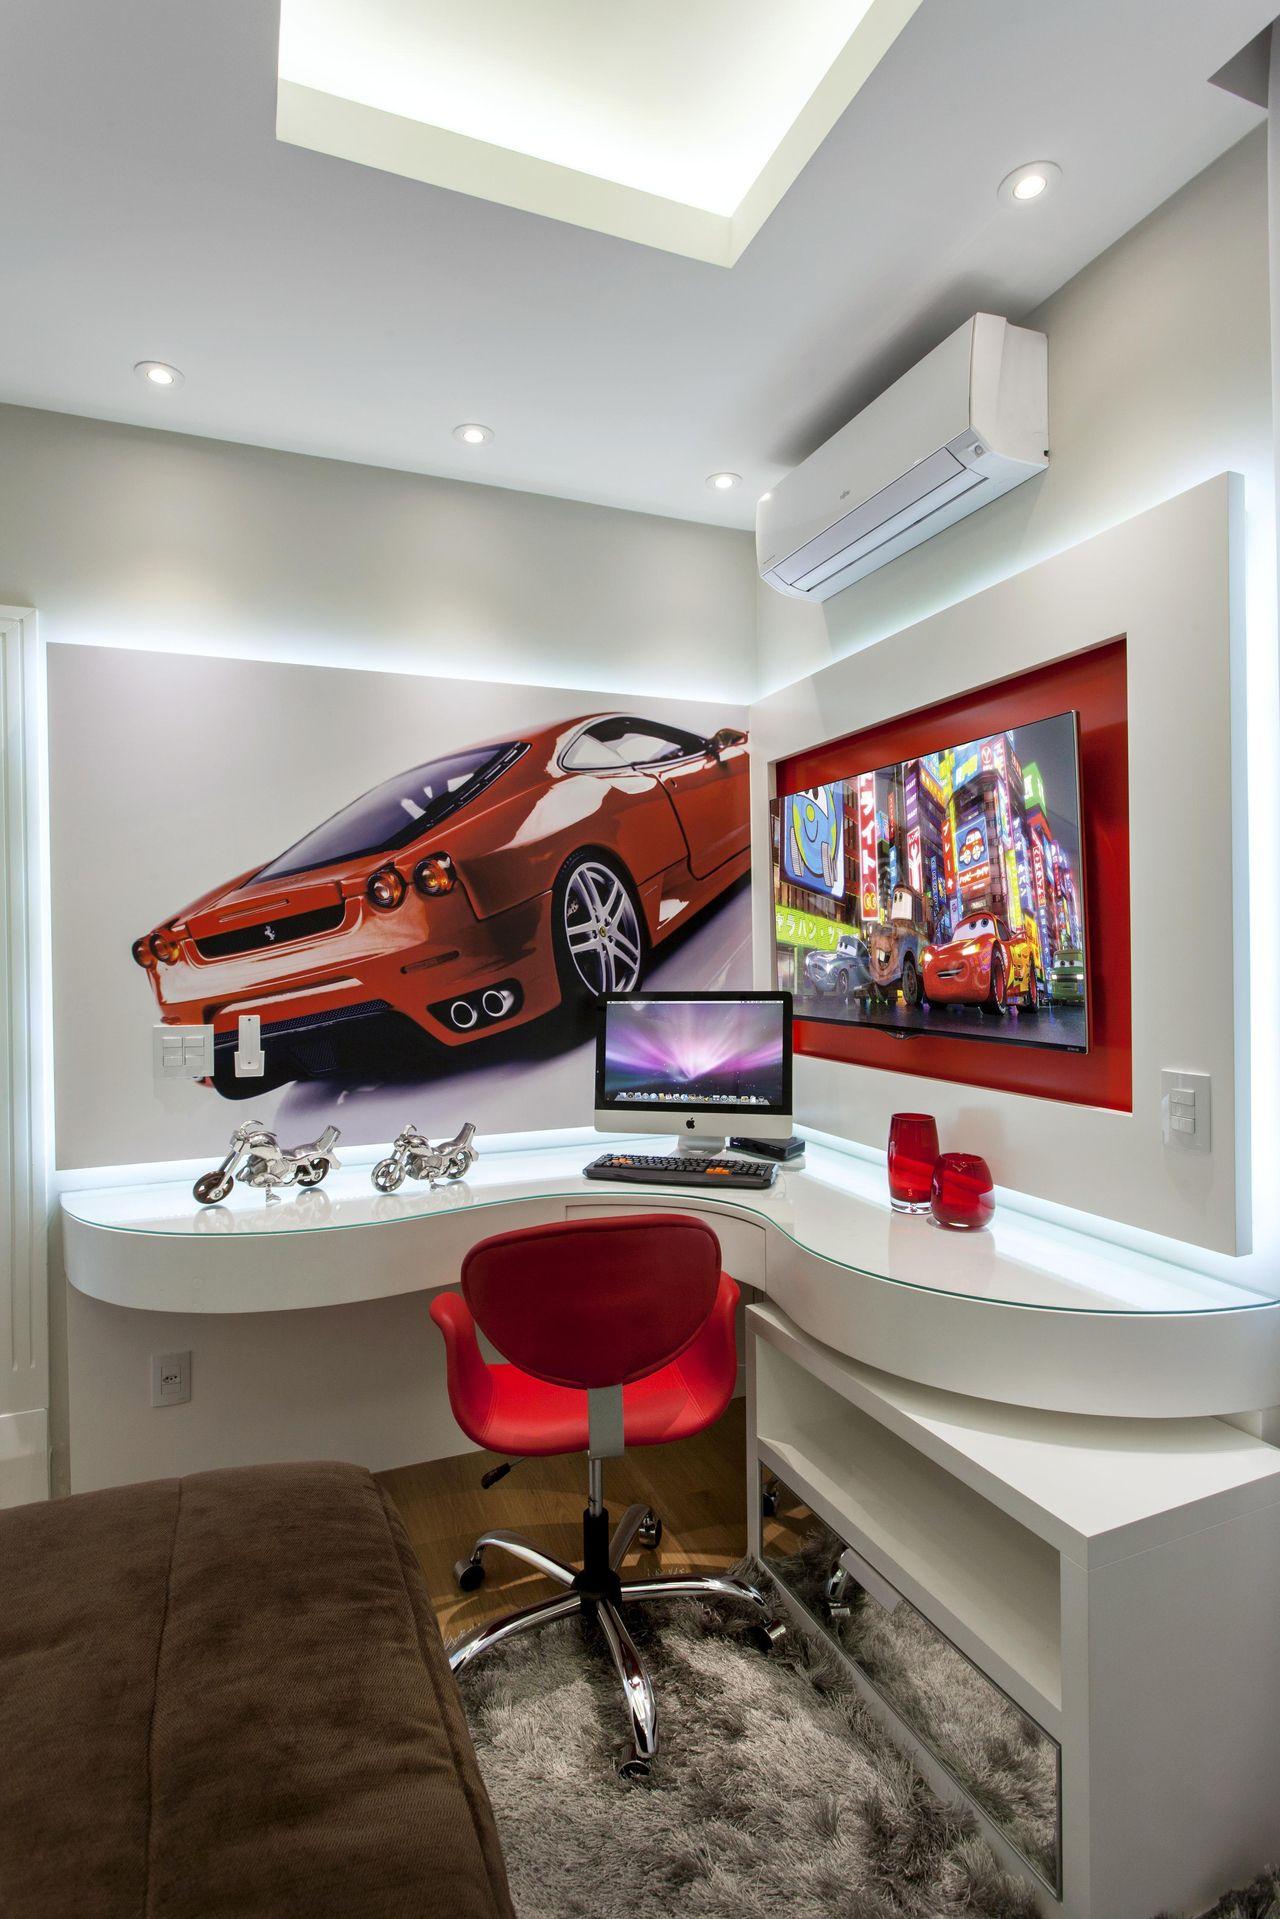 Quarto Infantil Com Tema Carro Ferrari Vermelho De Aquiles Nicolas  -> Sala Quarto Cozinha Carro